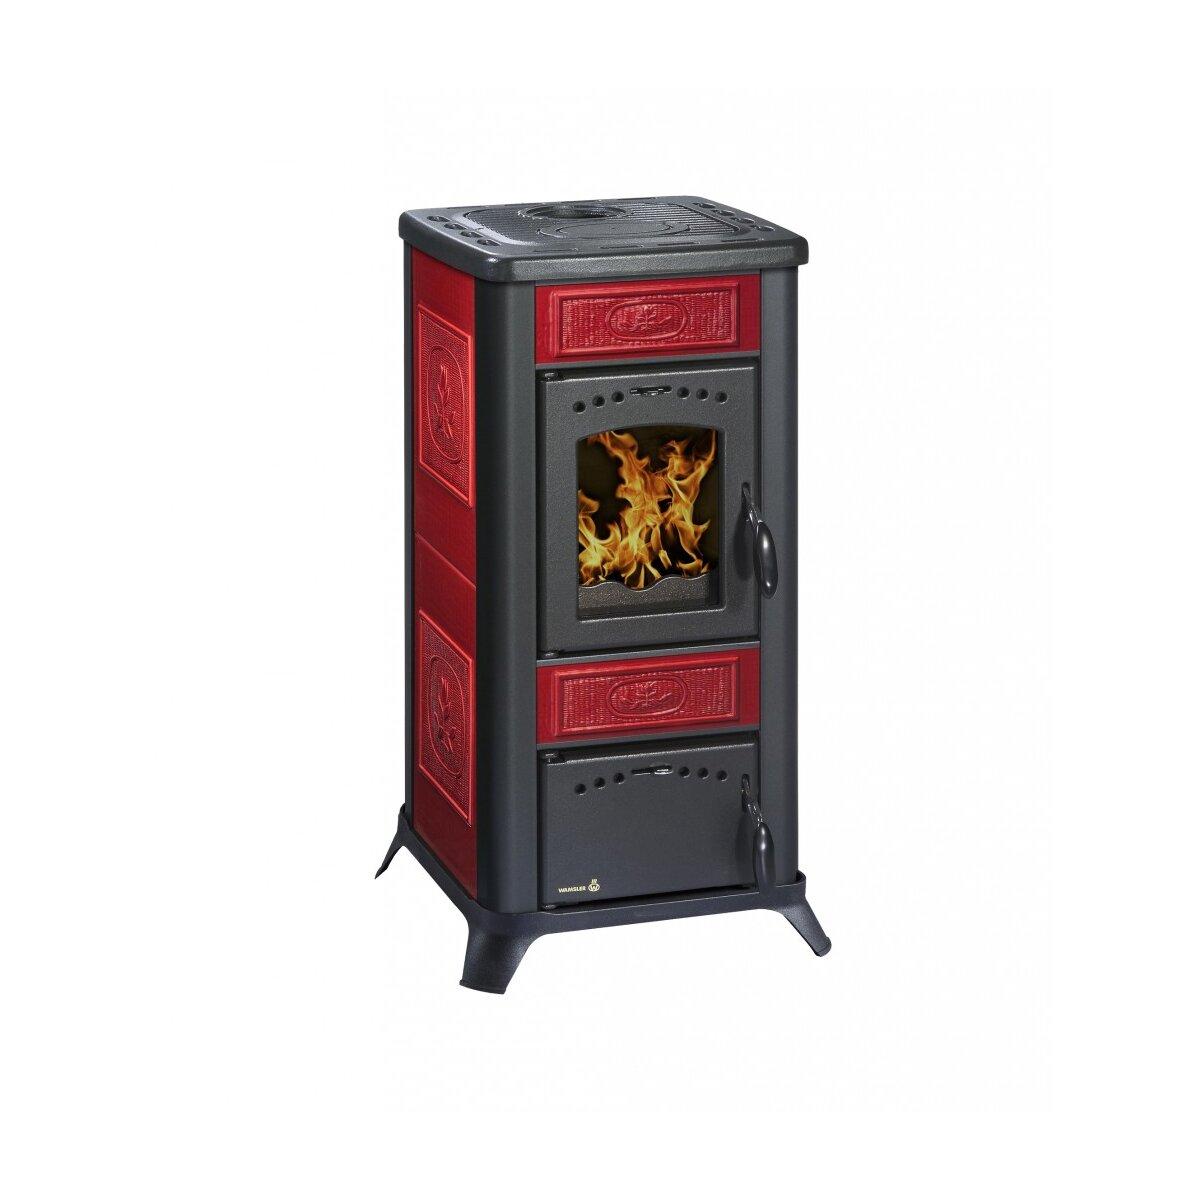 kaminofen wamsler kf188 romantik 998 00 von wamsler mit beratung g nstig online kaufen. Black Bedroom Furniture Sets. Home Design Ideas